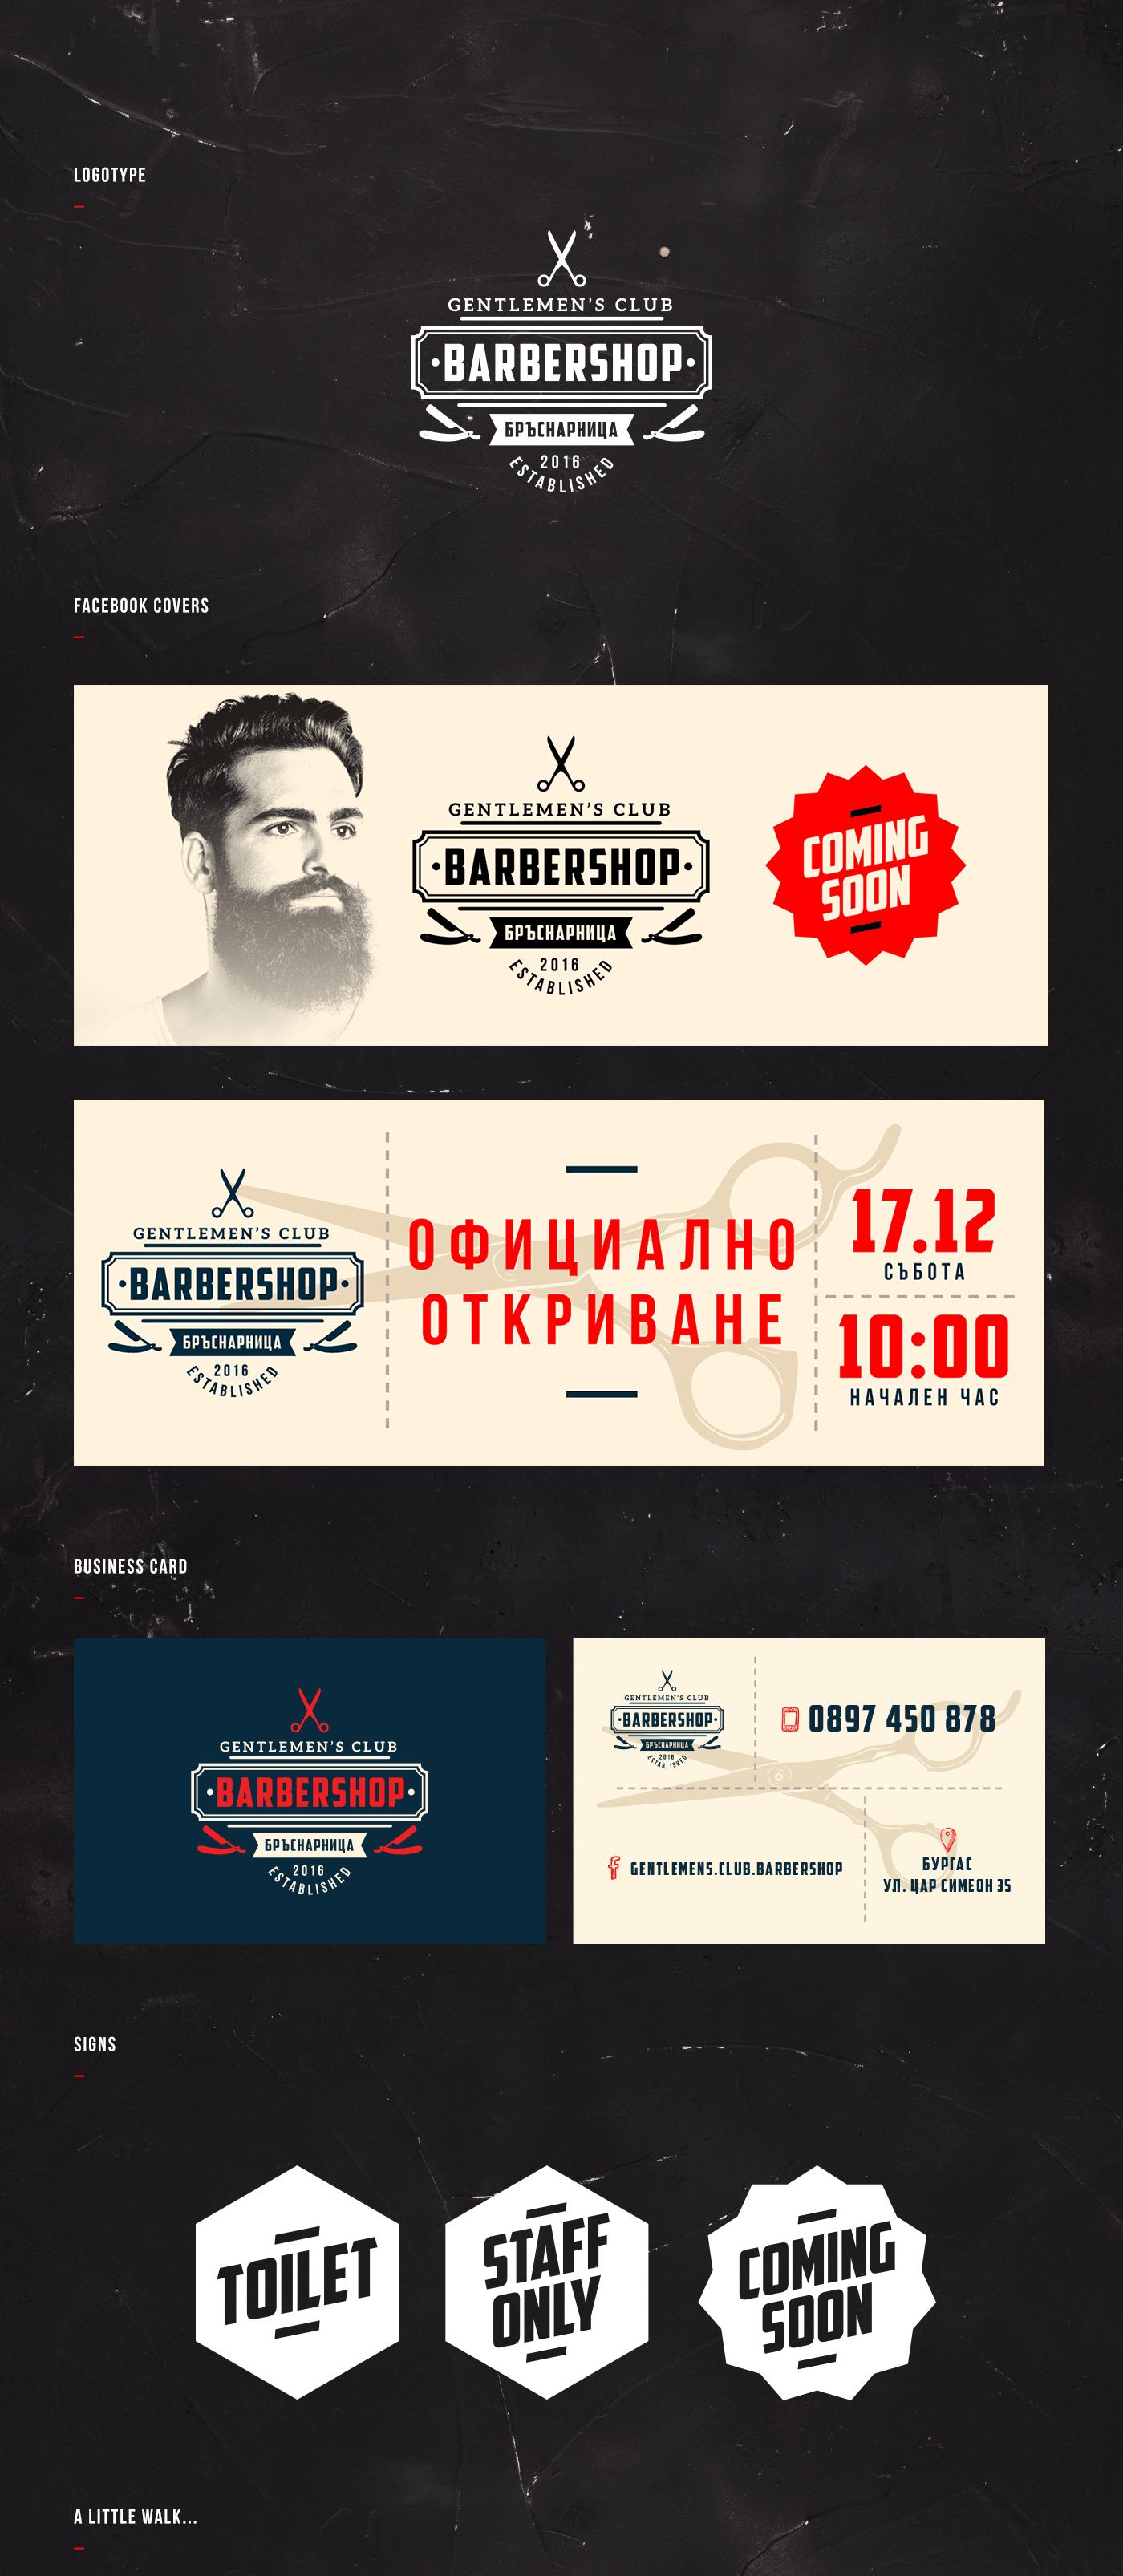 проект Barber Shop проект и изпълнение на рекламата и дизайна от MUSE Creativity